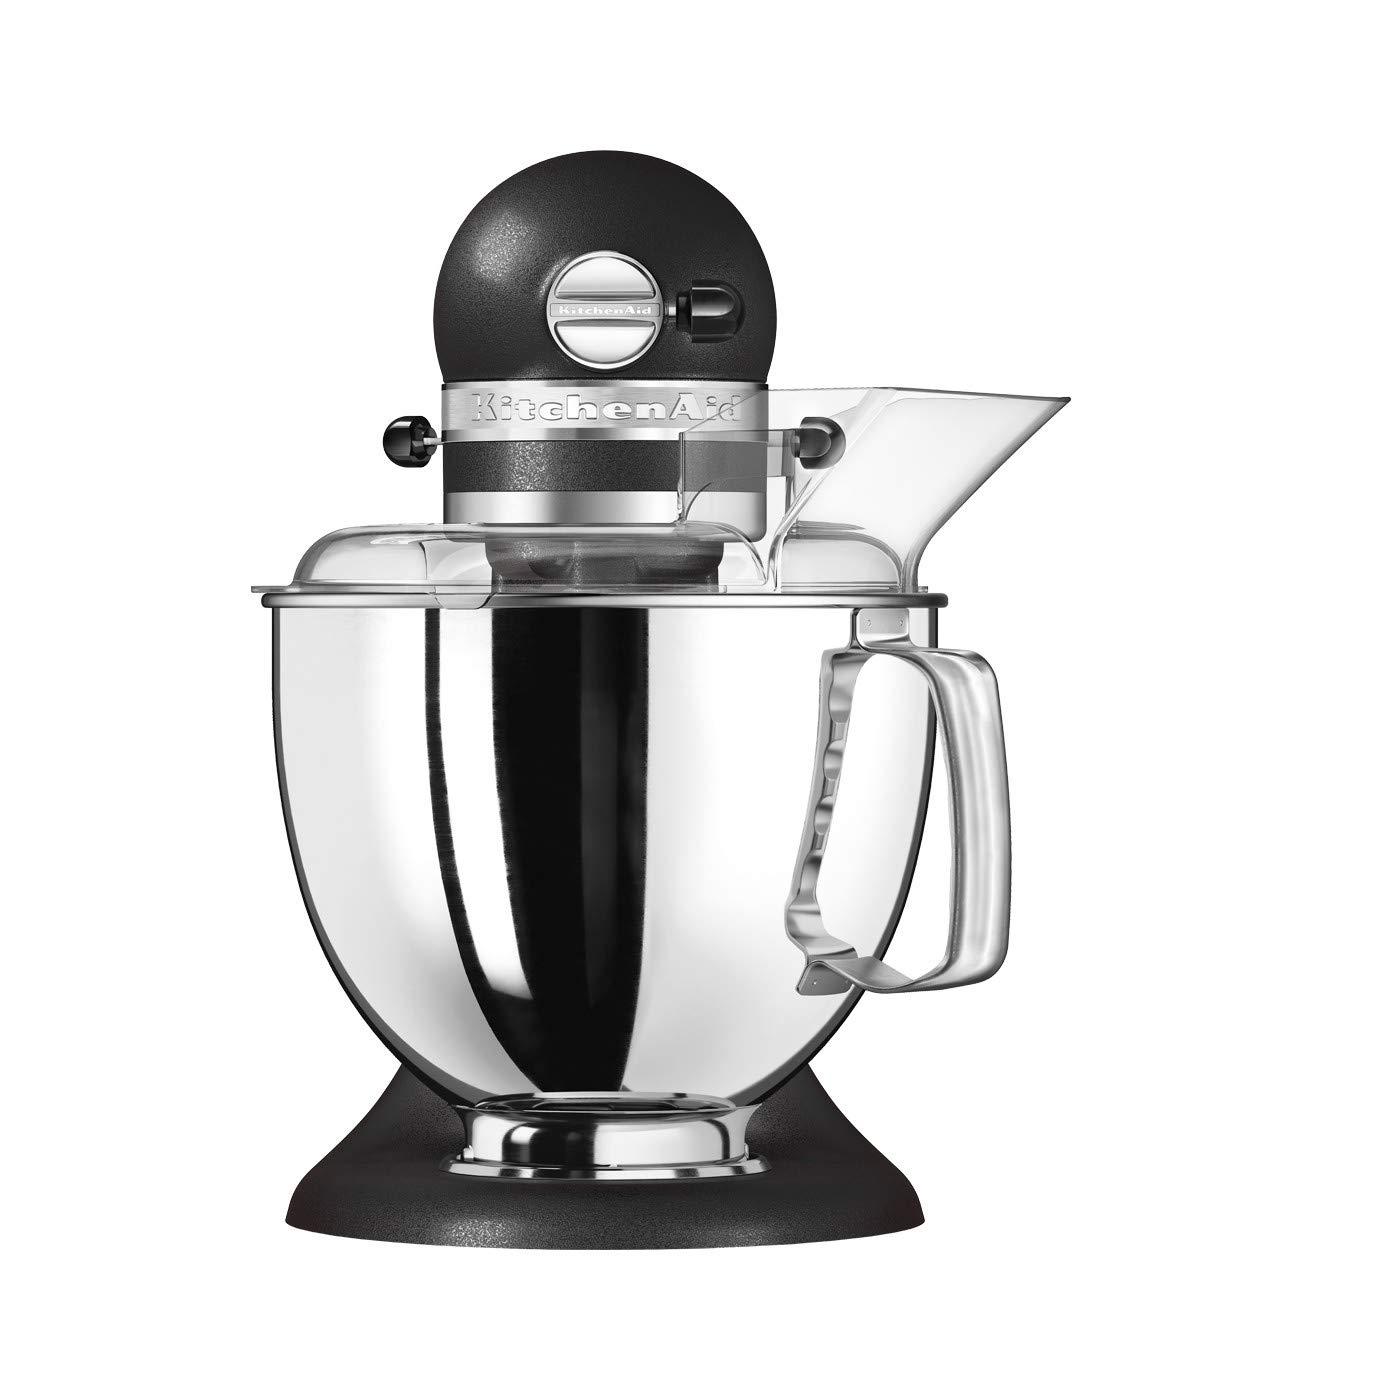 KitchenAid ARTISAN 5KSM175PSEBK- Batidora de cocina con equipamiento profesional, hierro fundido, color negro: Amazon.es: Hogar